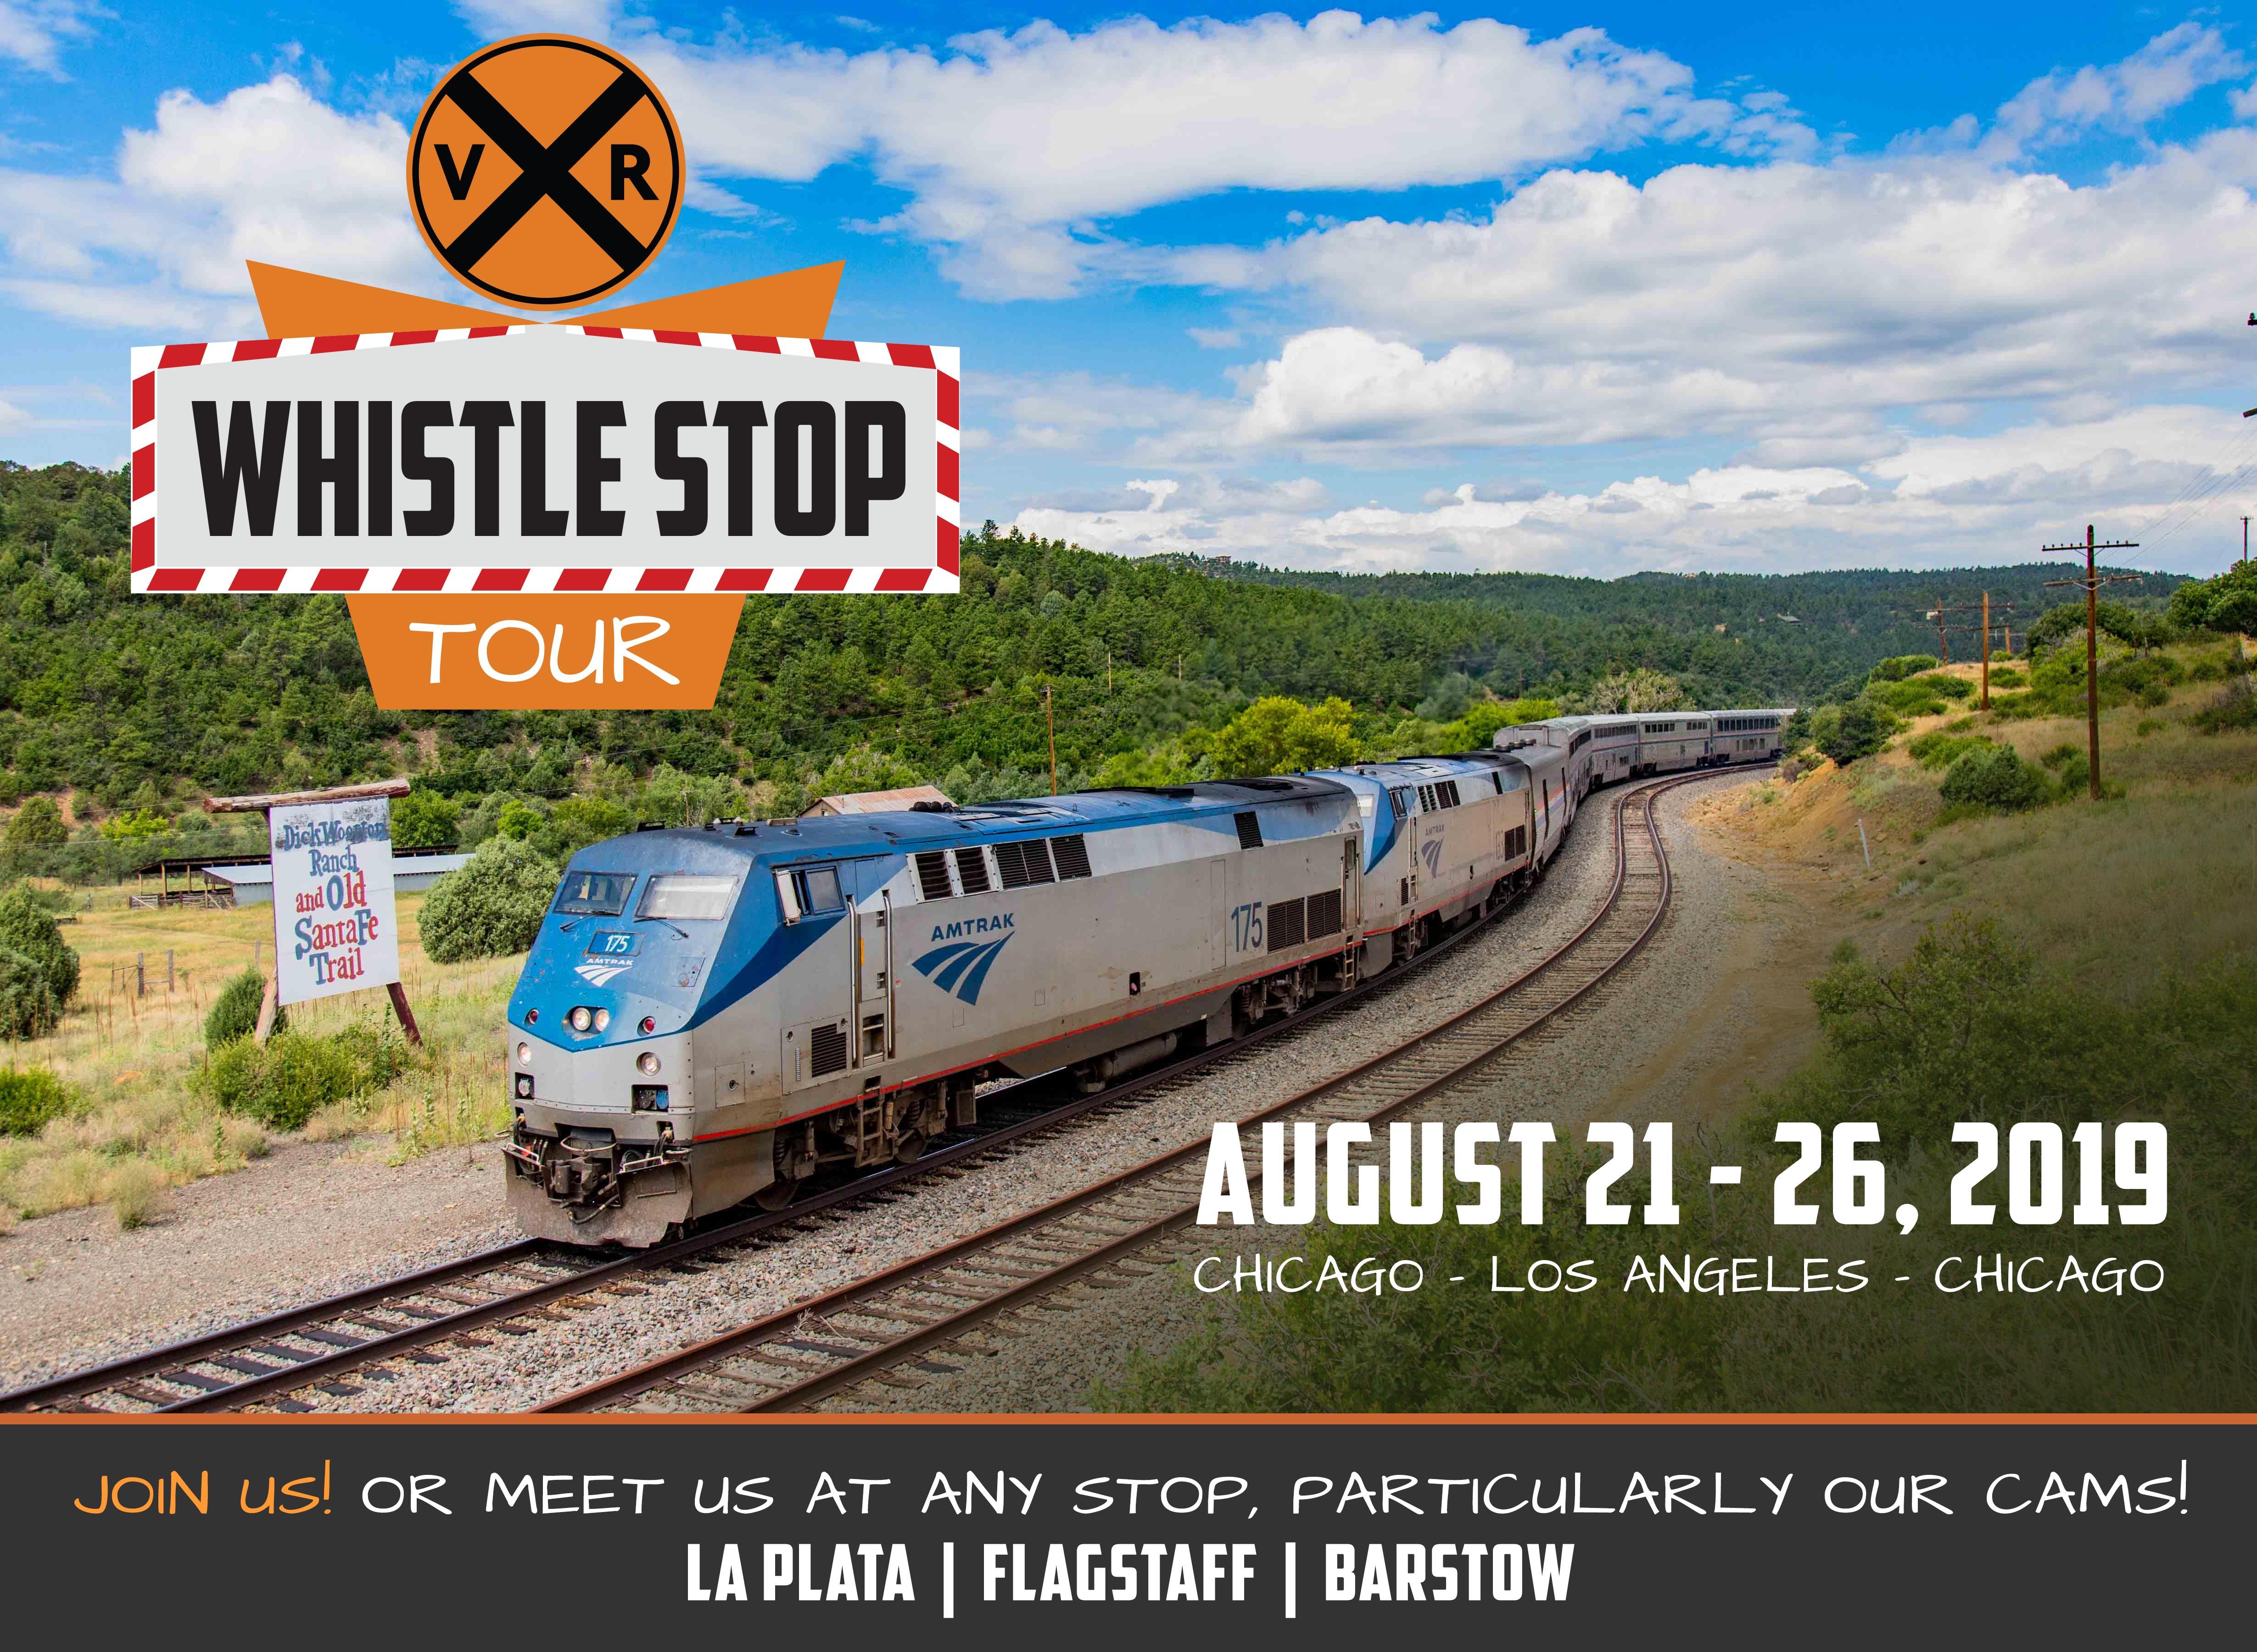 Whistle Stop Tour